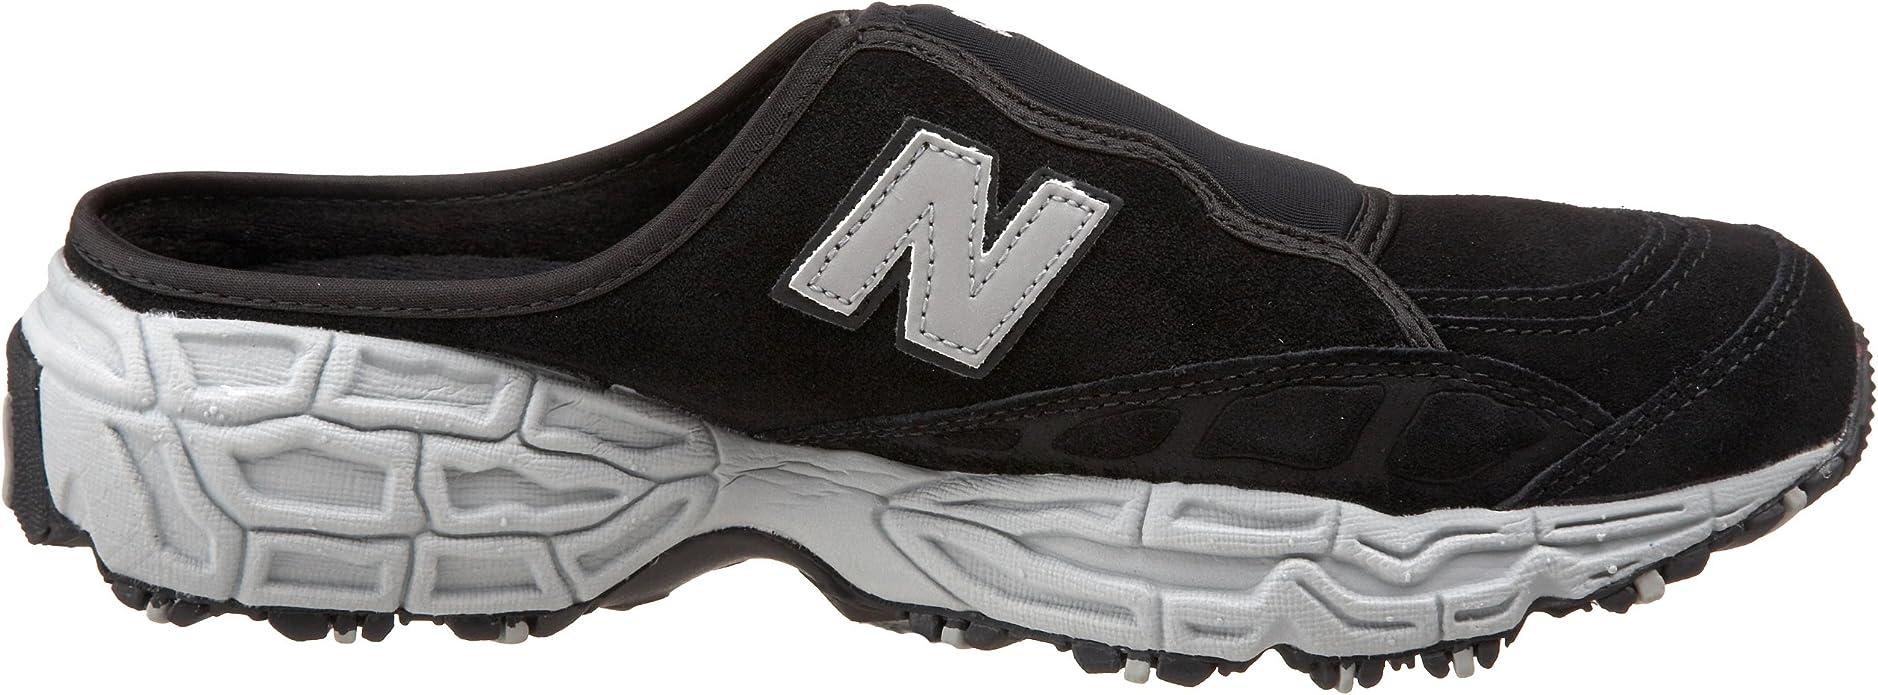 New Balance - Zapatillas de Running para Hombre, Color Negro, Talla 6.5 UK - Width D: Amazon.es: Zapatos y complementos